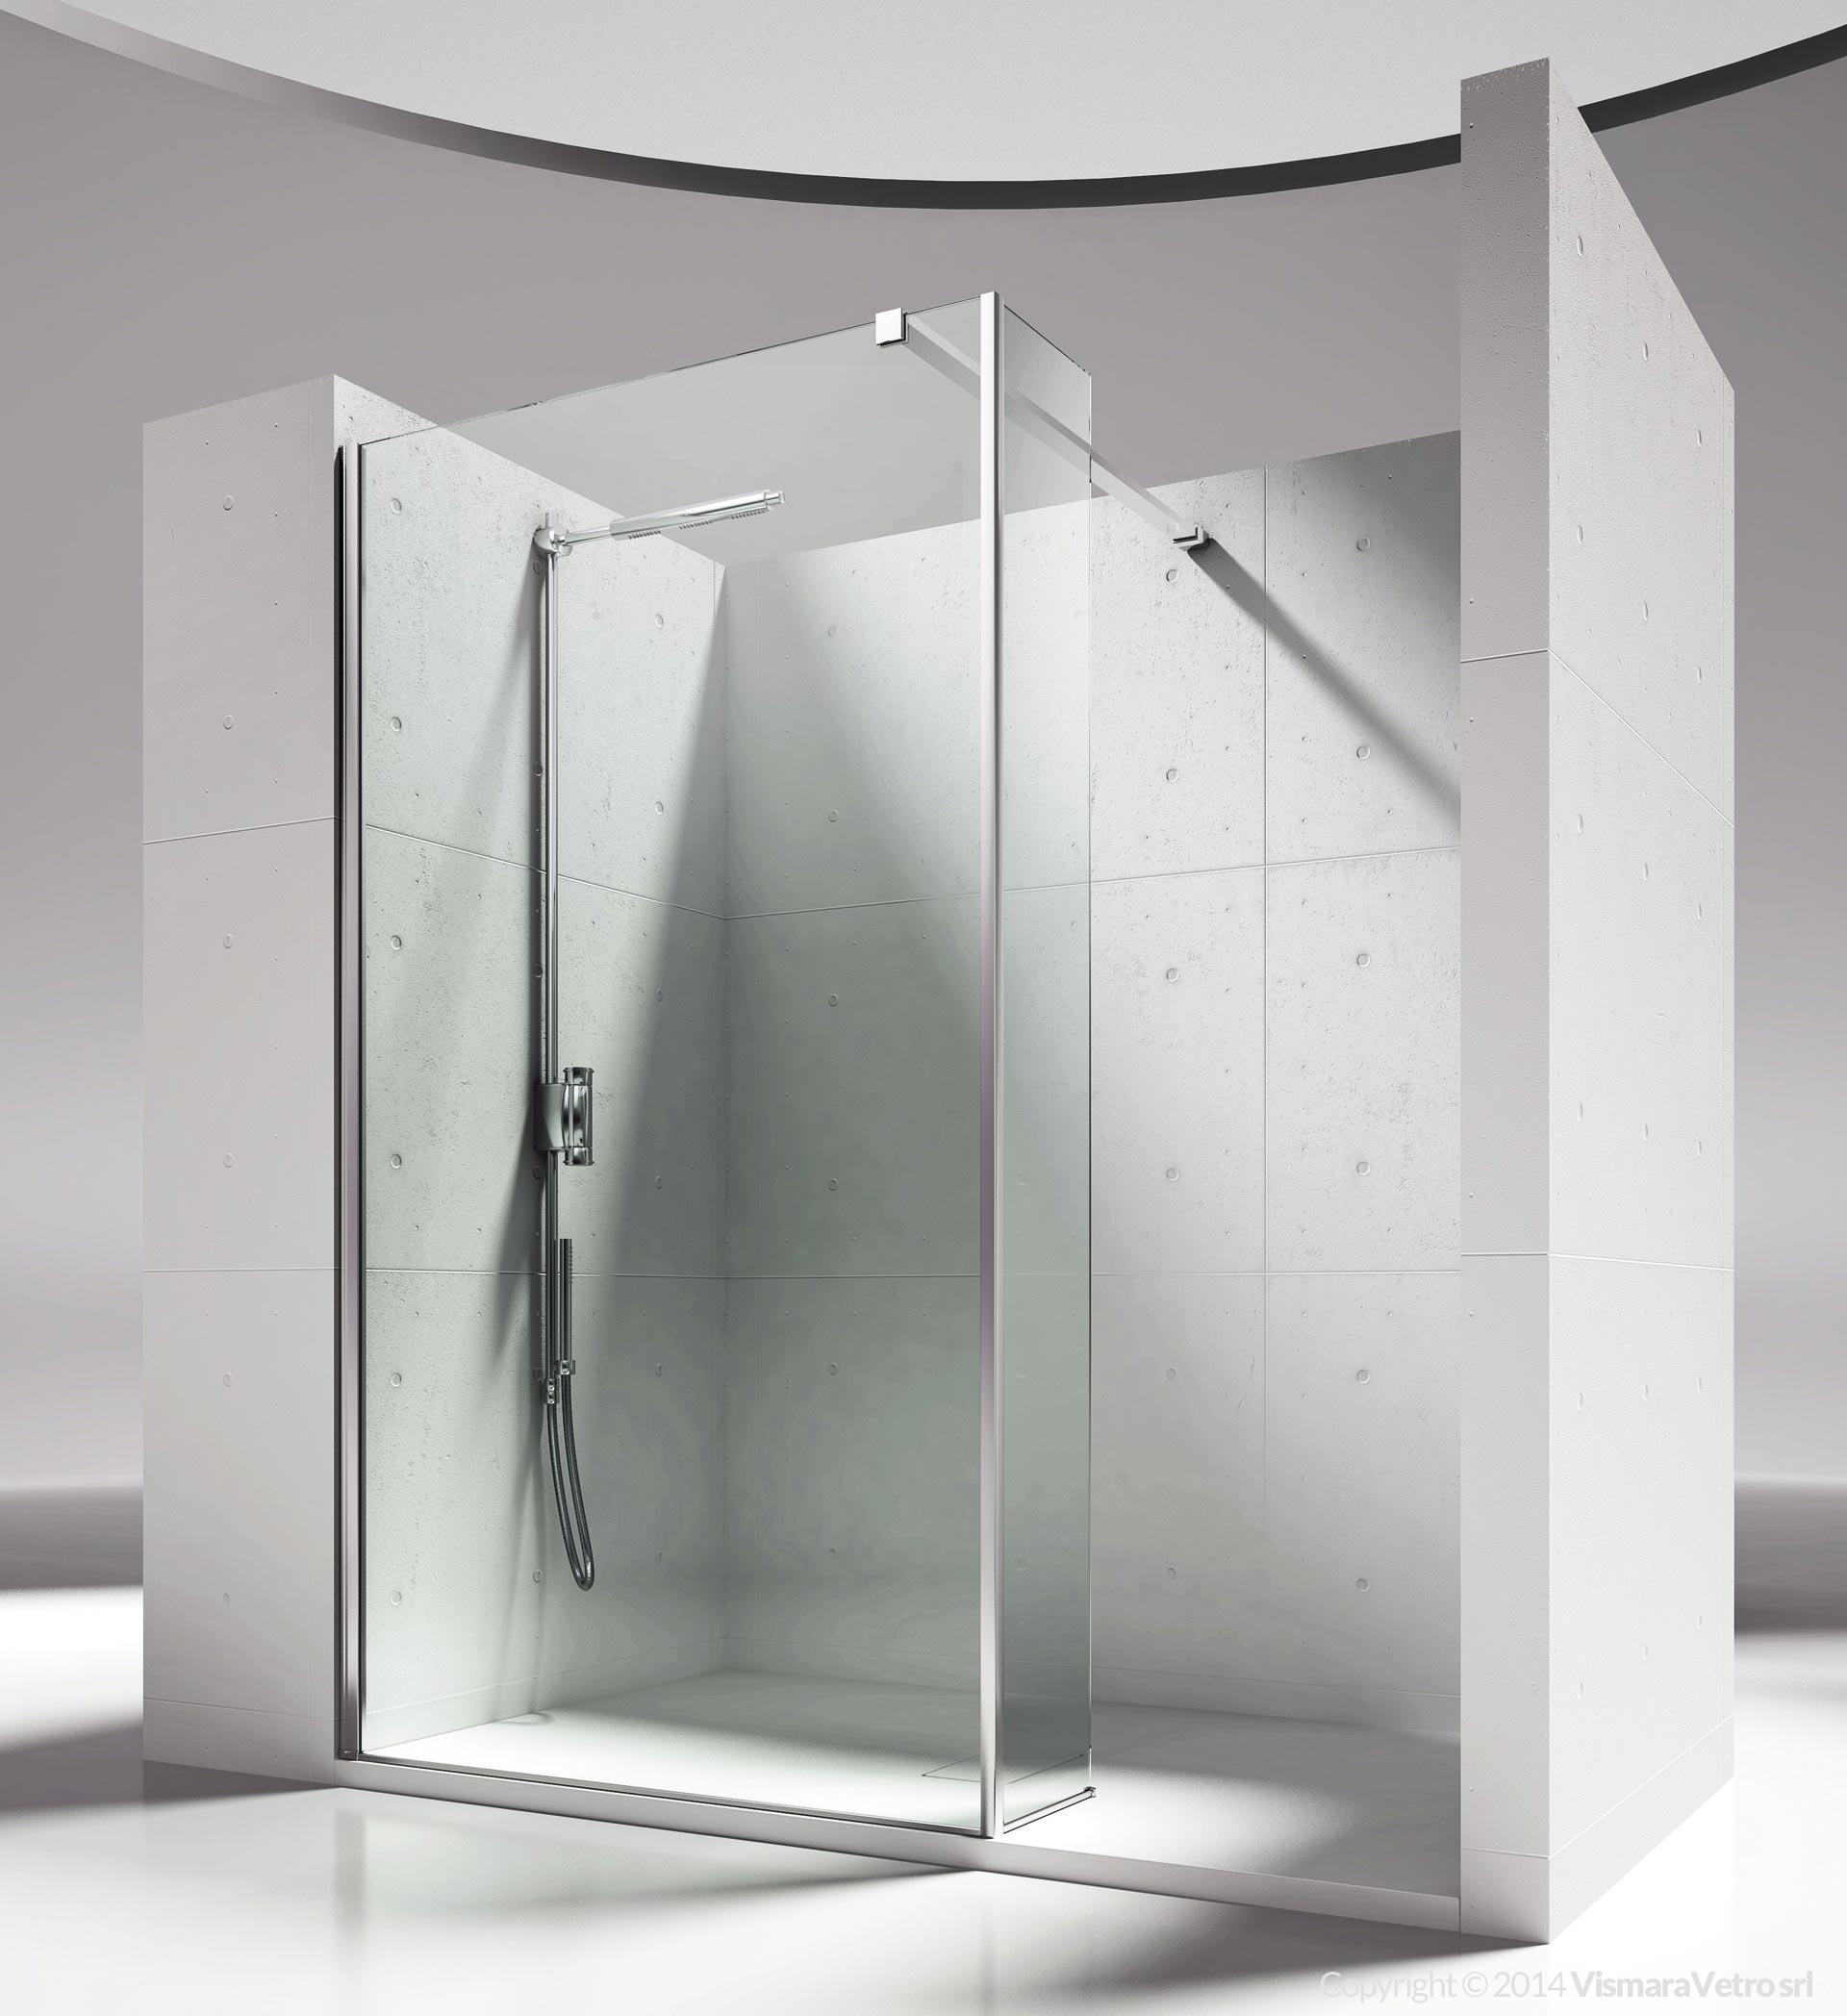 Modello sk sz installazione in nicchia - Box bagno esterno ...